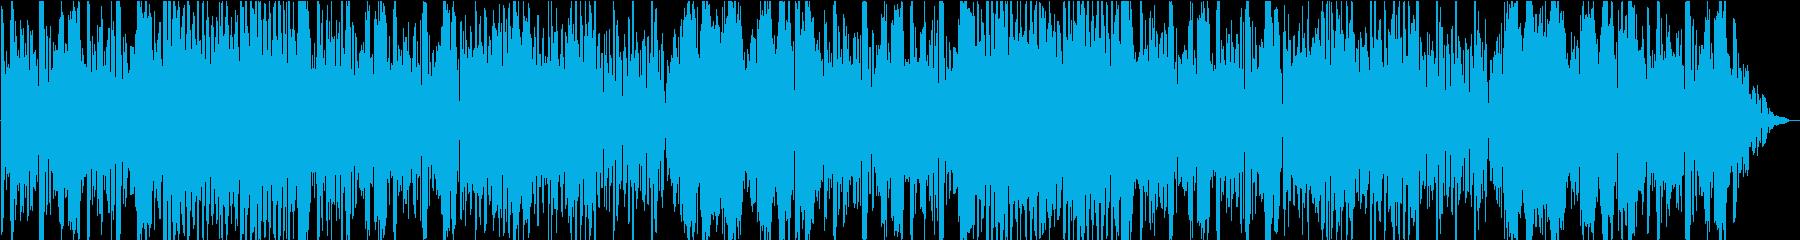 惑わされそうな弦楽とチェンバロのゴシックの再生済みの波形